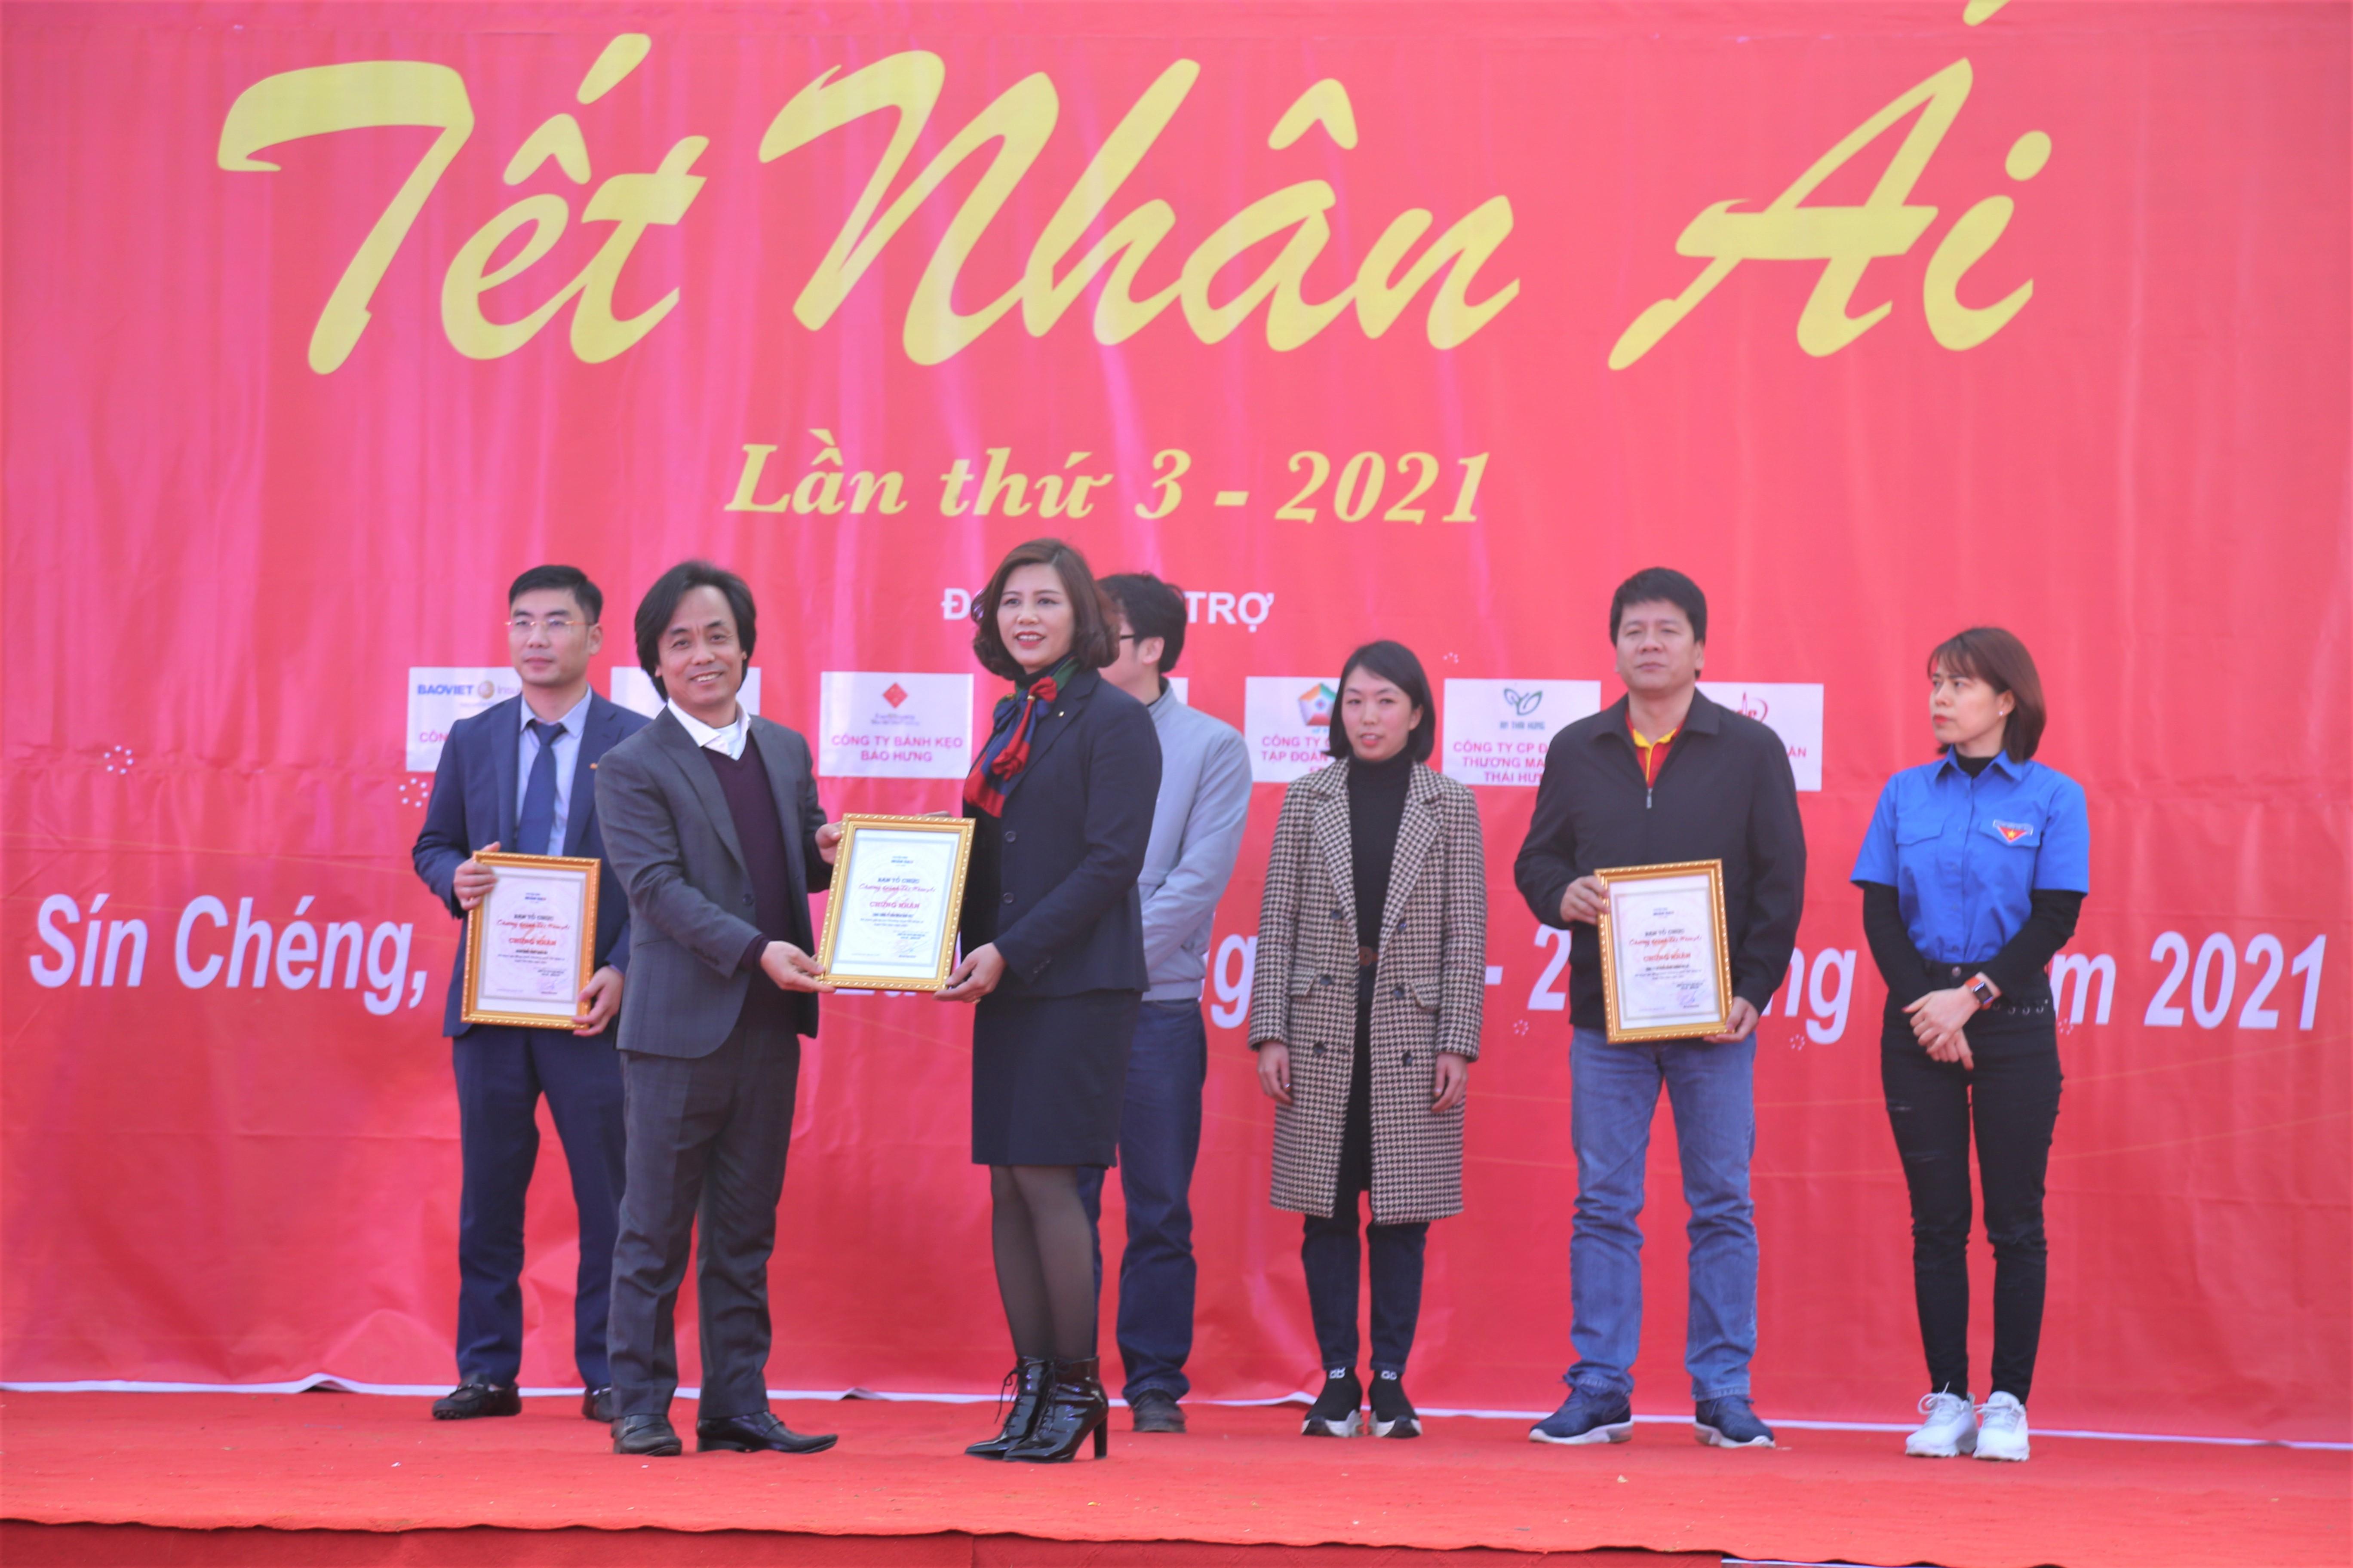 Ông Phạm Văn Hà - Giám đốc Trung tâm Truyền hình Nhân đạo trao giấy chứng nhận cho các đơn vị đồng hành cùng chươn trình